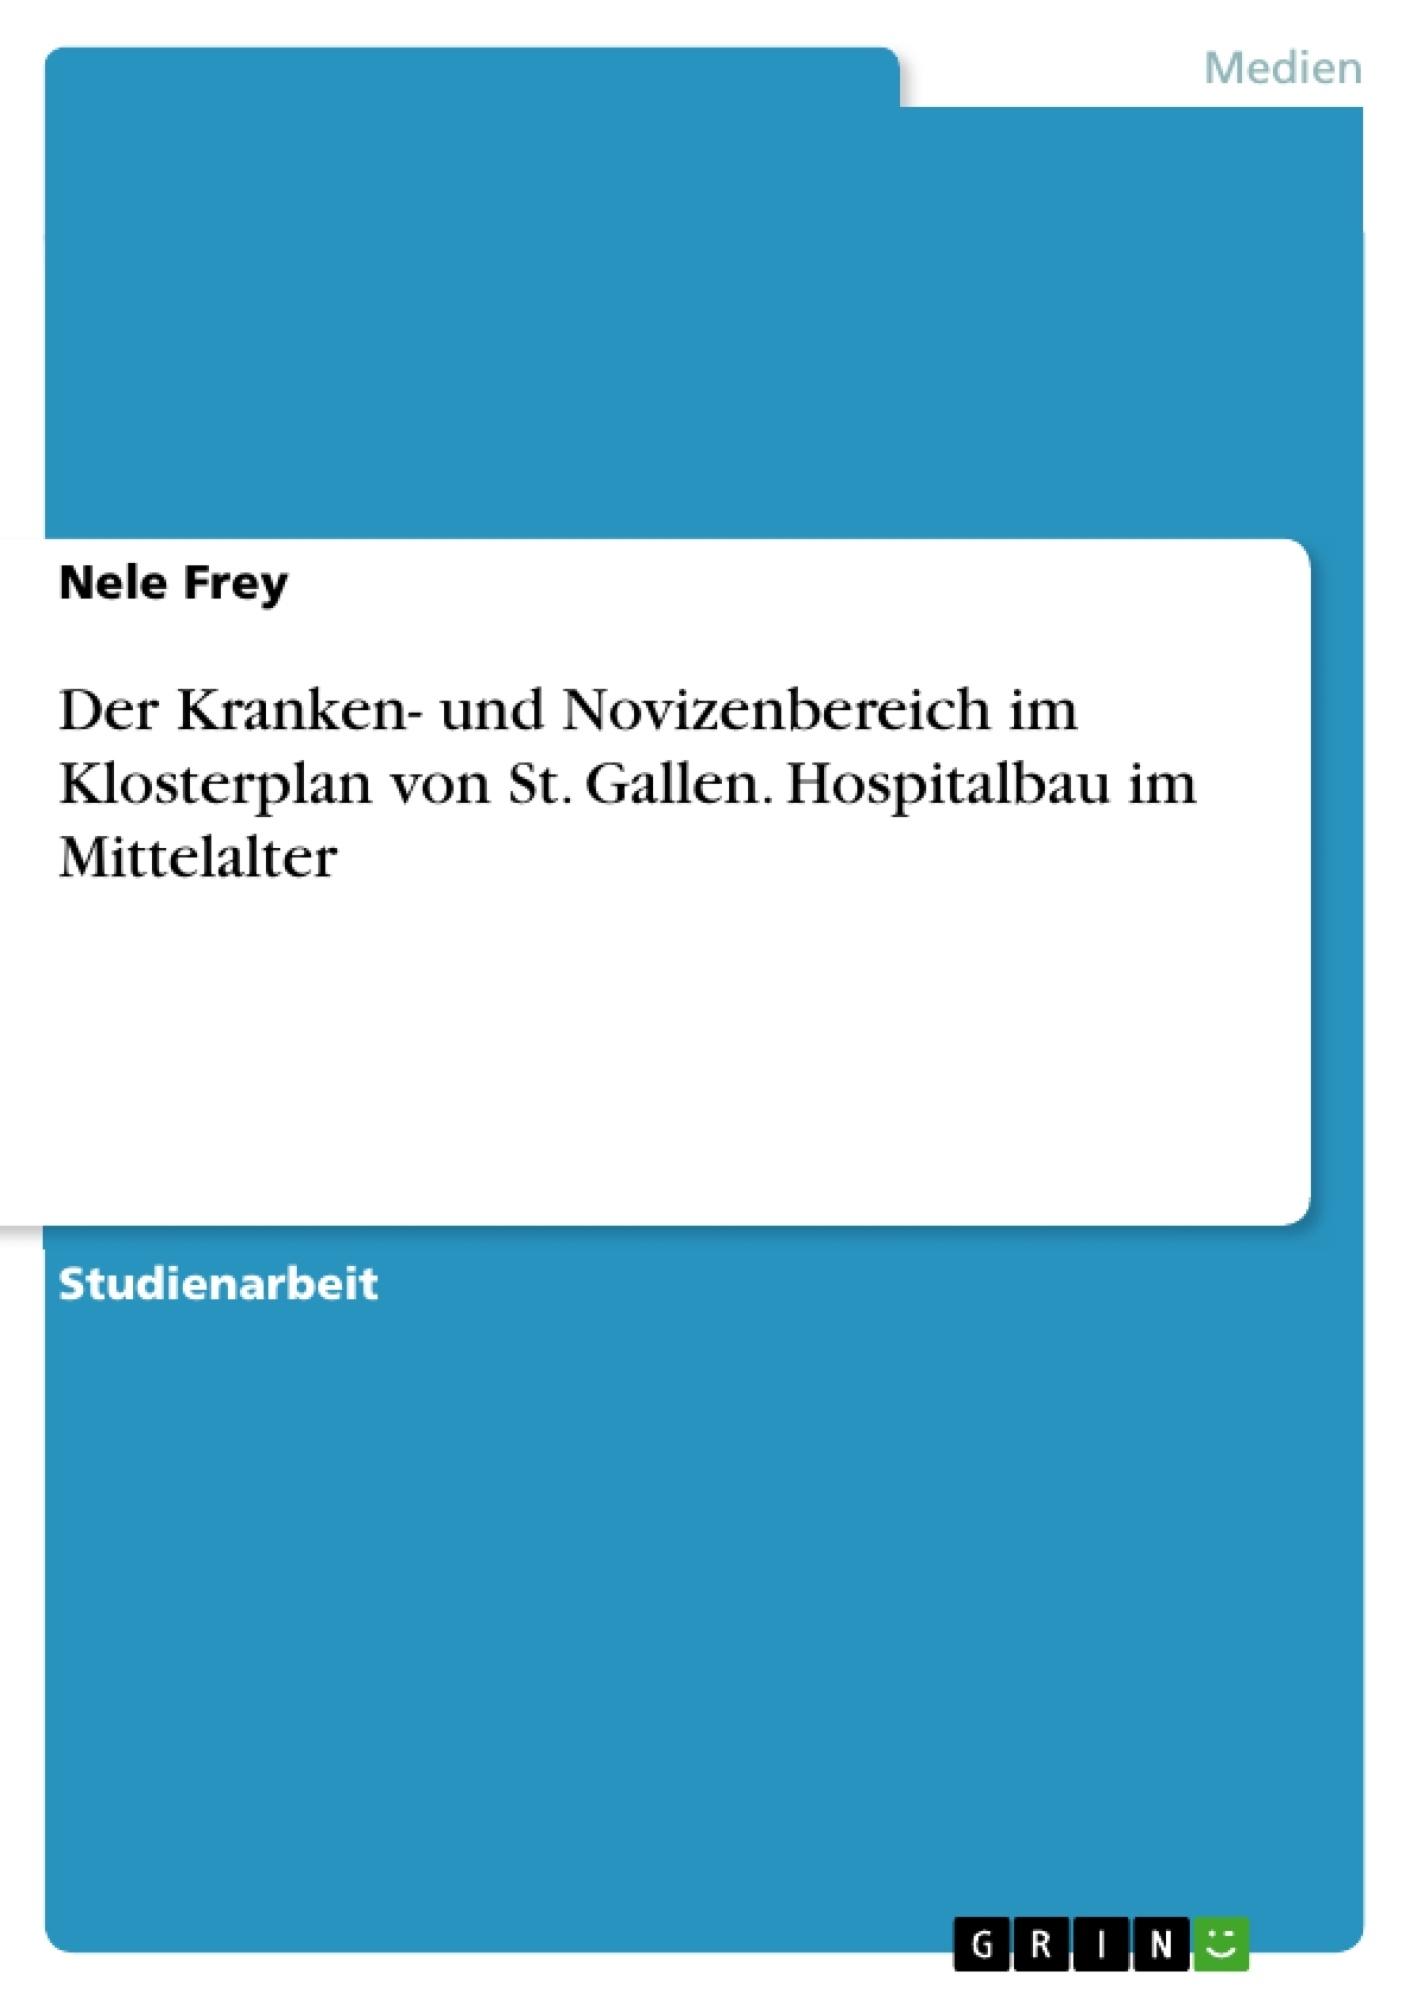 Titel: Der Kranken- und Novizenbereich im Klosterplan von St. Gallen. Hospitalbau im Mittelalter